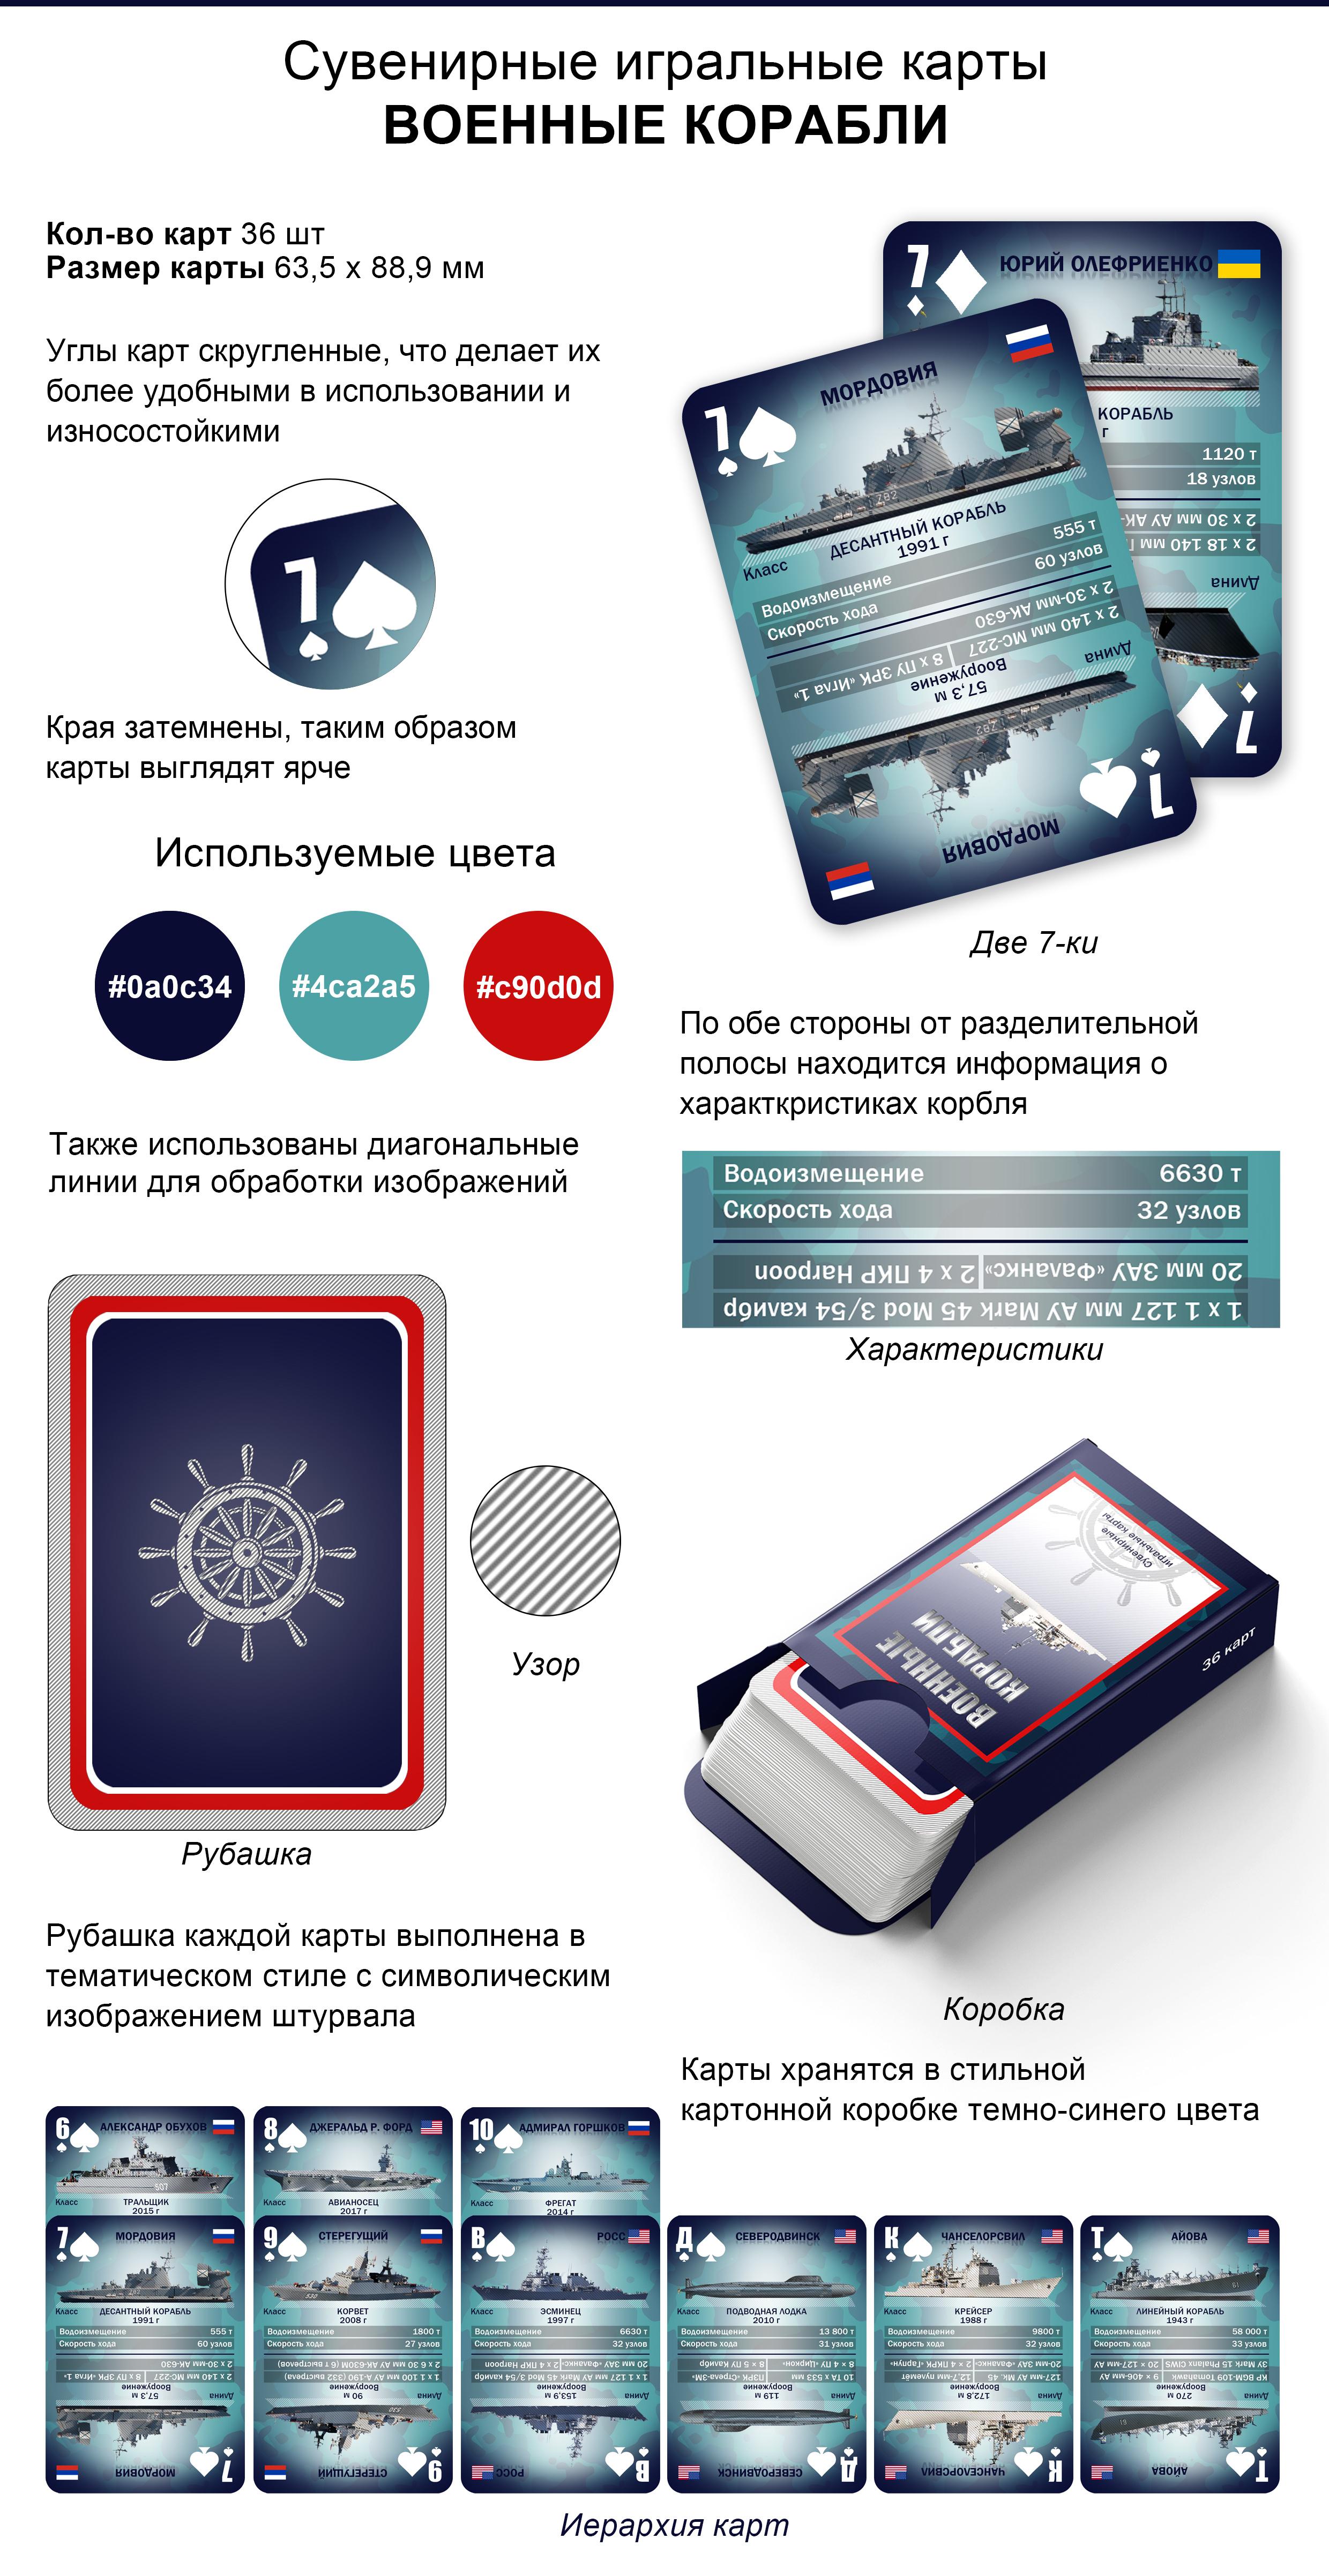 Фото Дизайн карт игральных